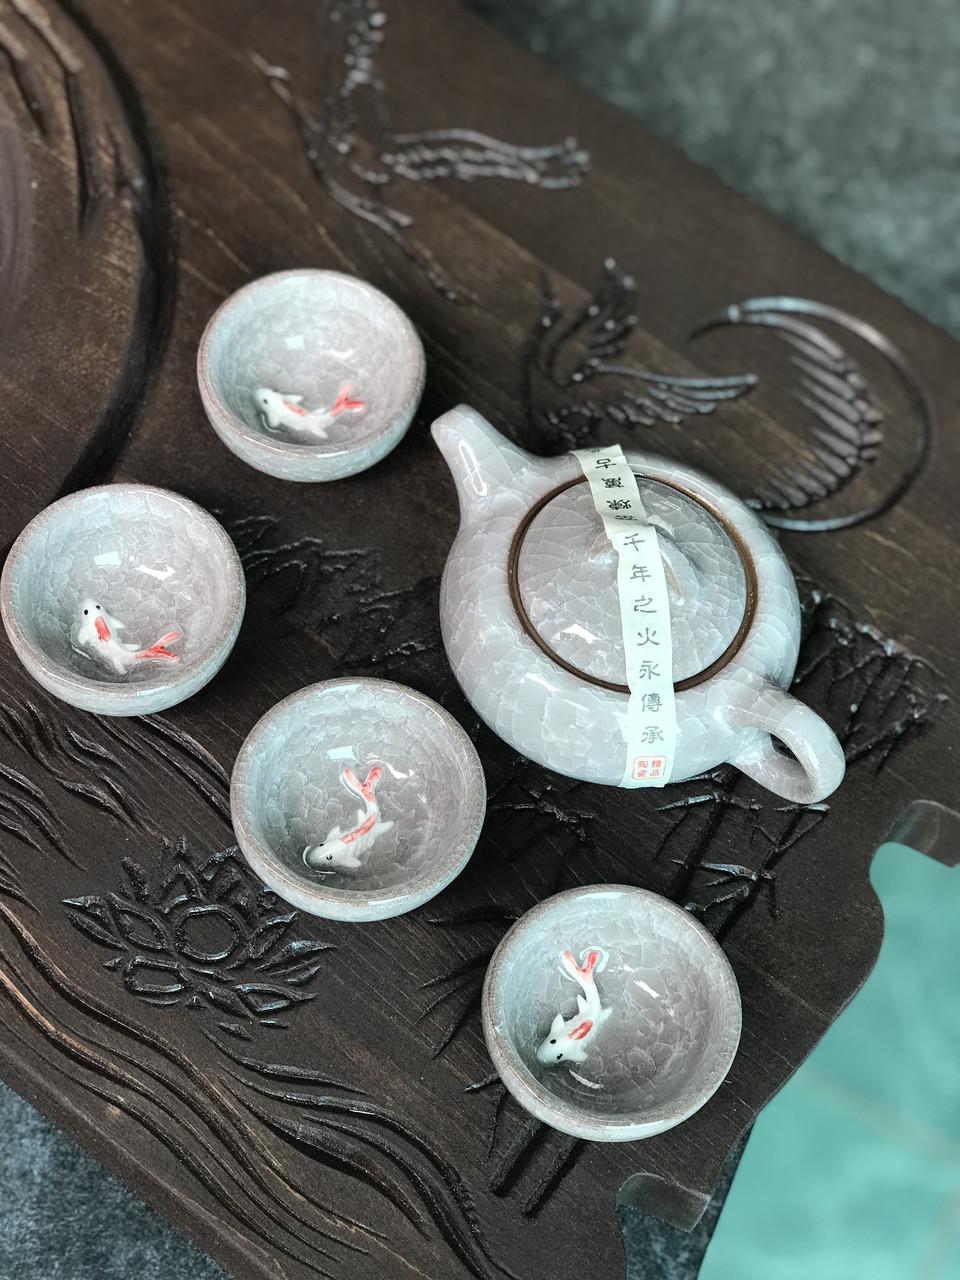 Набір посуду з рибкою глиняний для чайної церемонії Рожевий камінь (сірий) (4 піали+чайник)